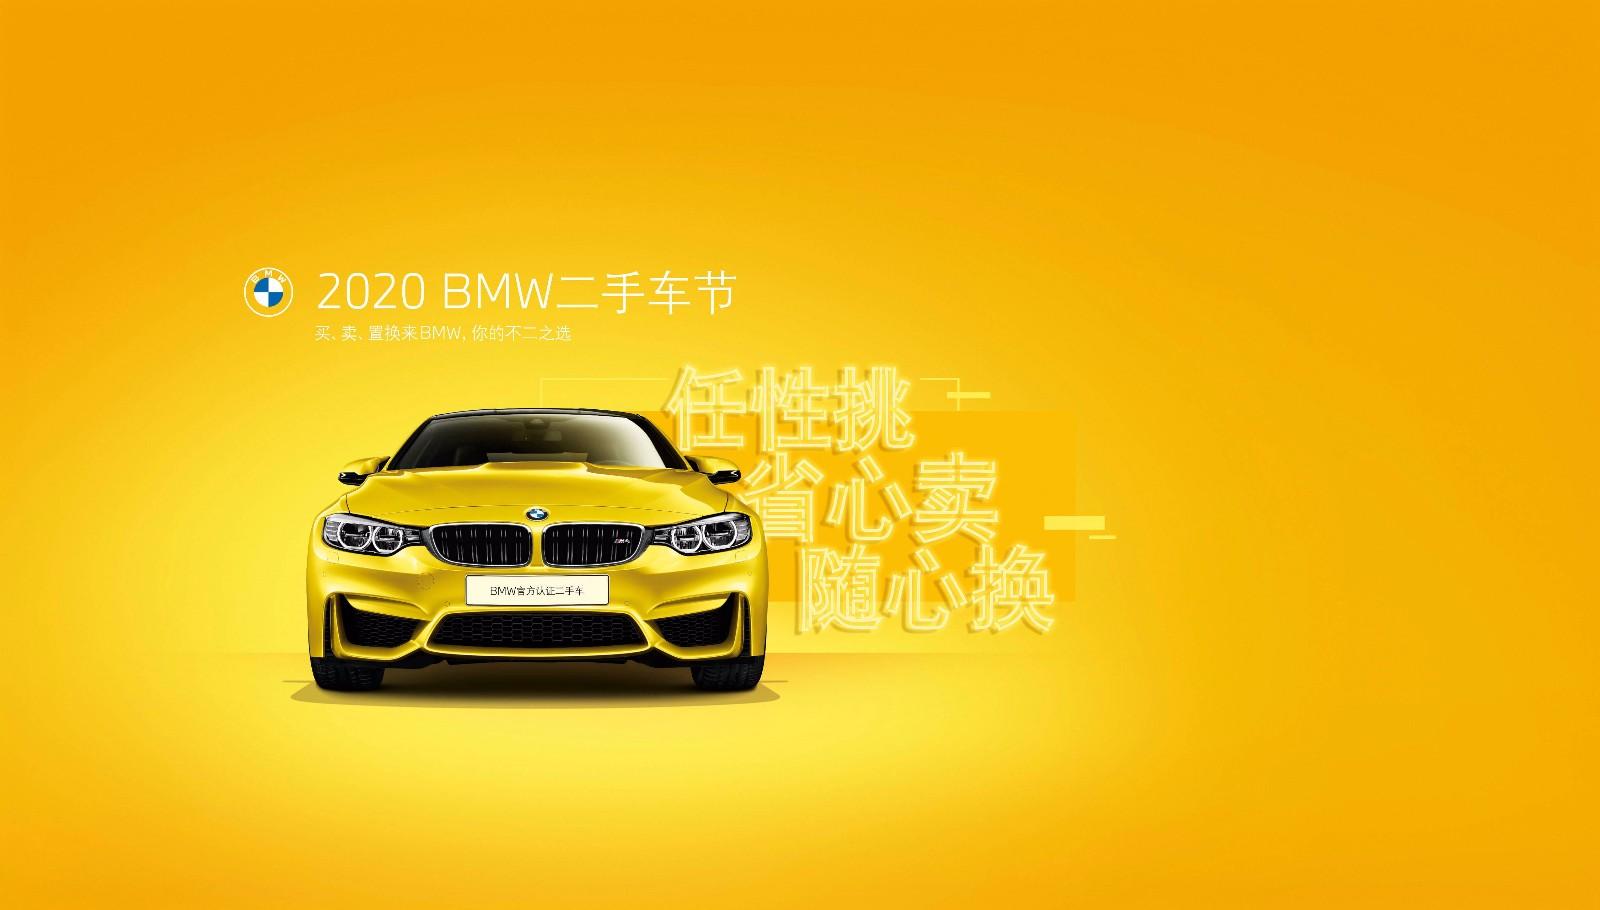 02.2020 BMW二手车节.jpg